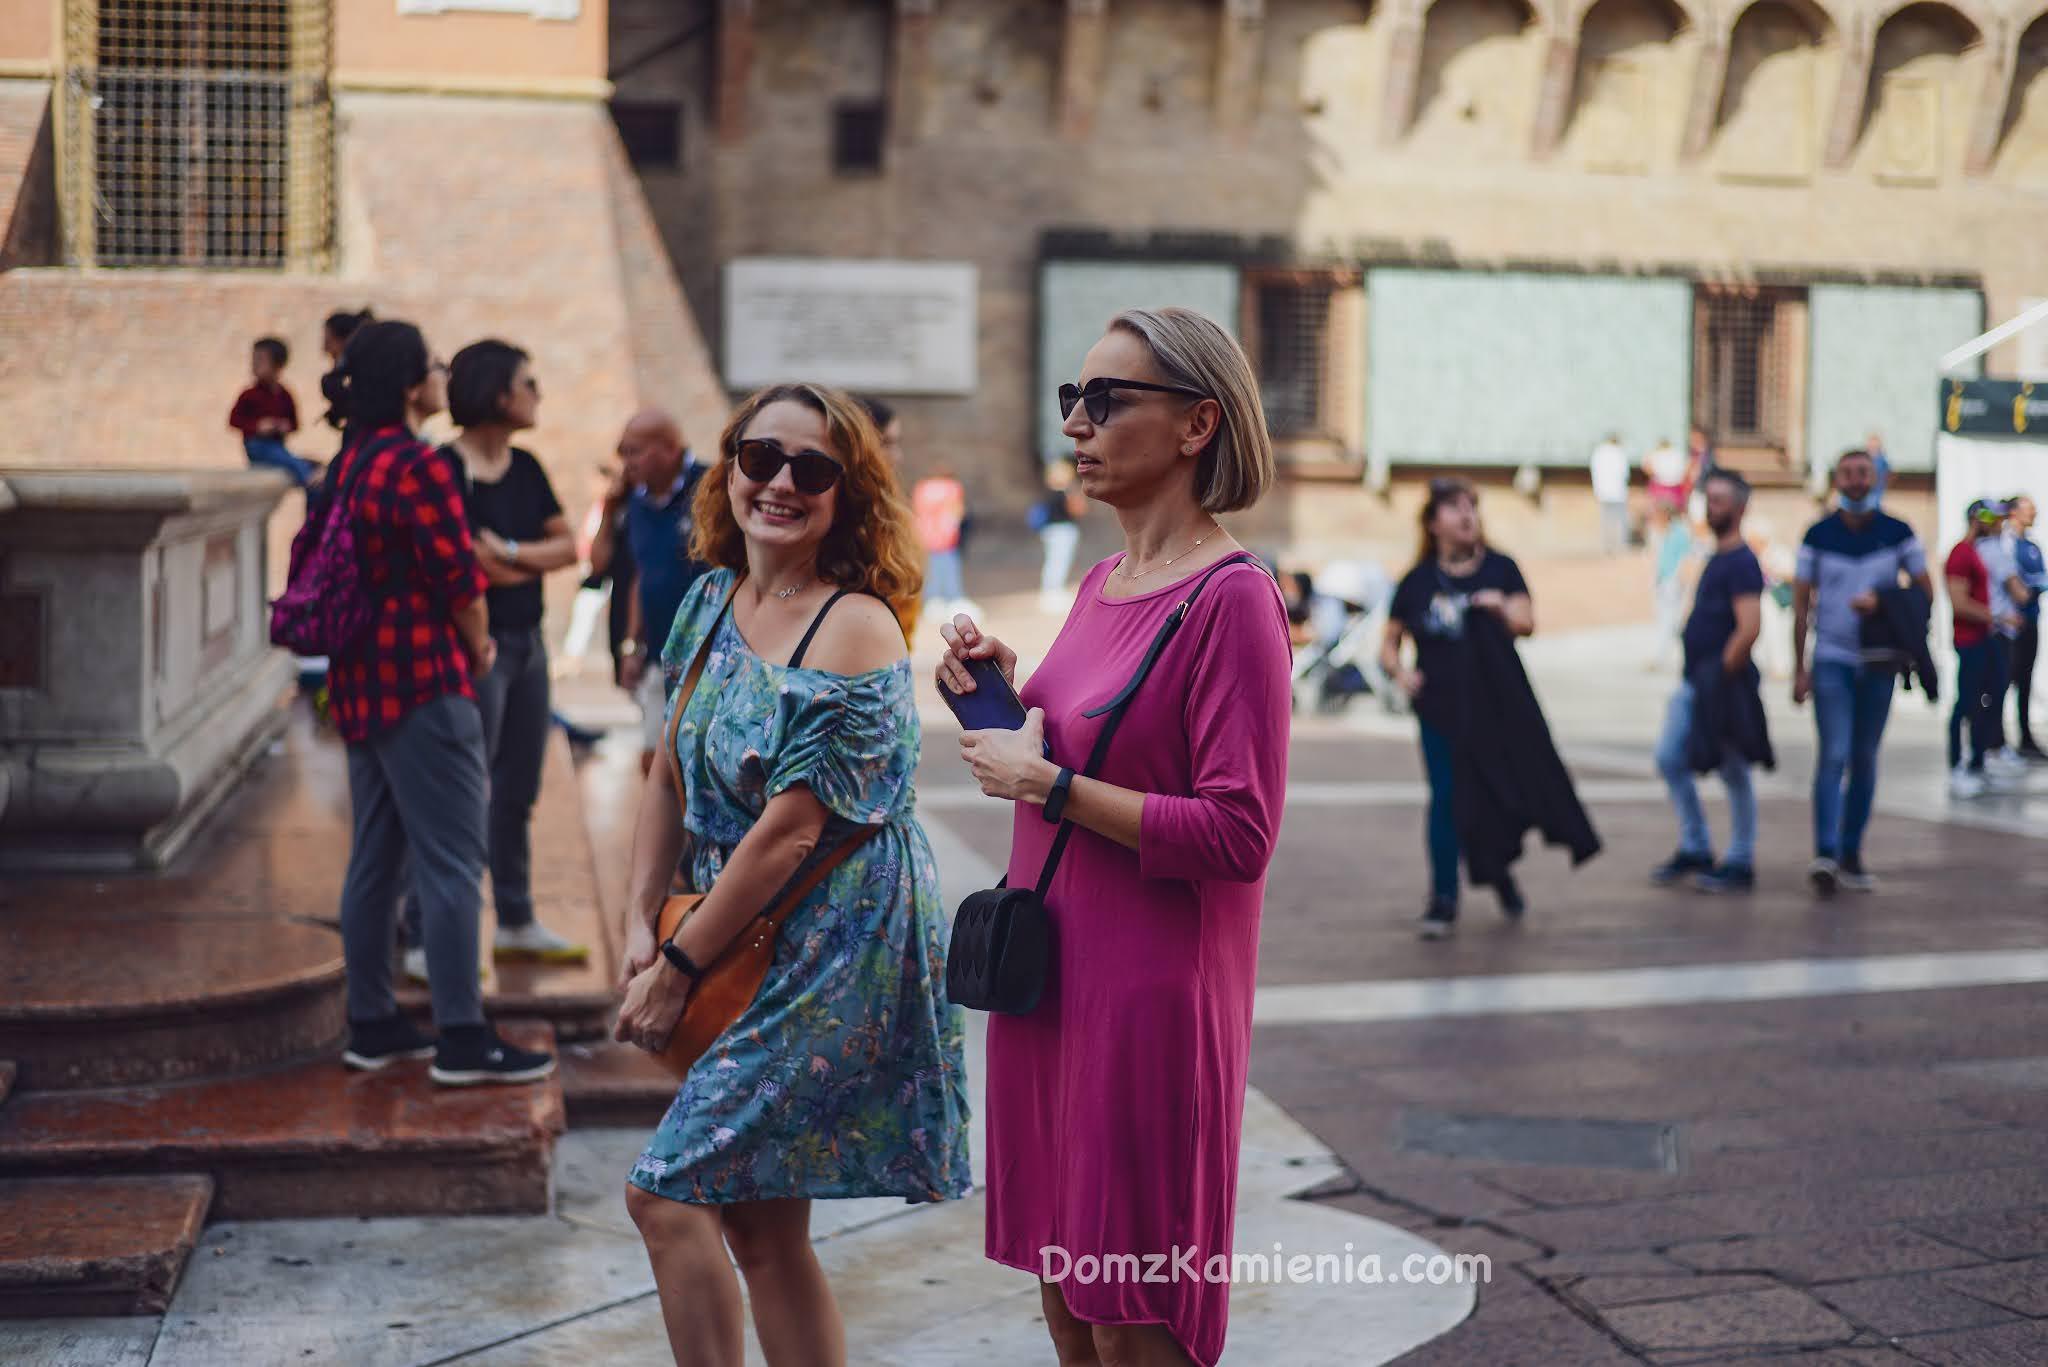 Bolonia co zobaczyć, Dom z Kamienia blog